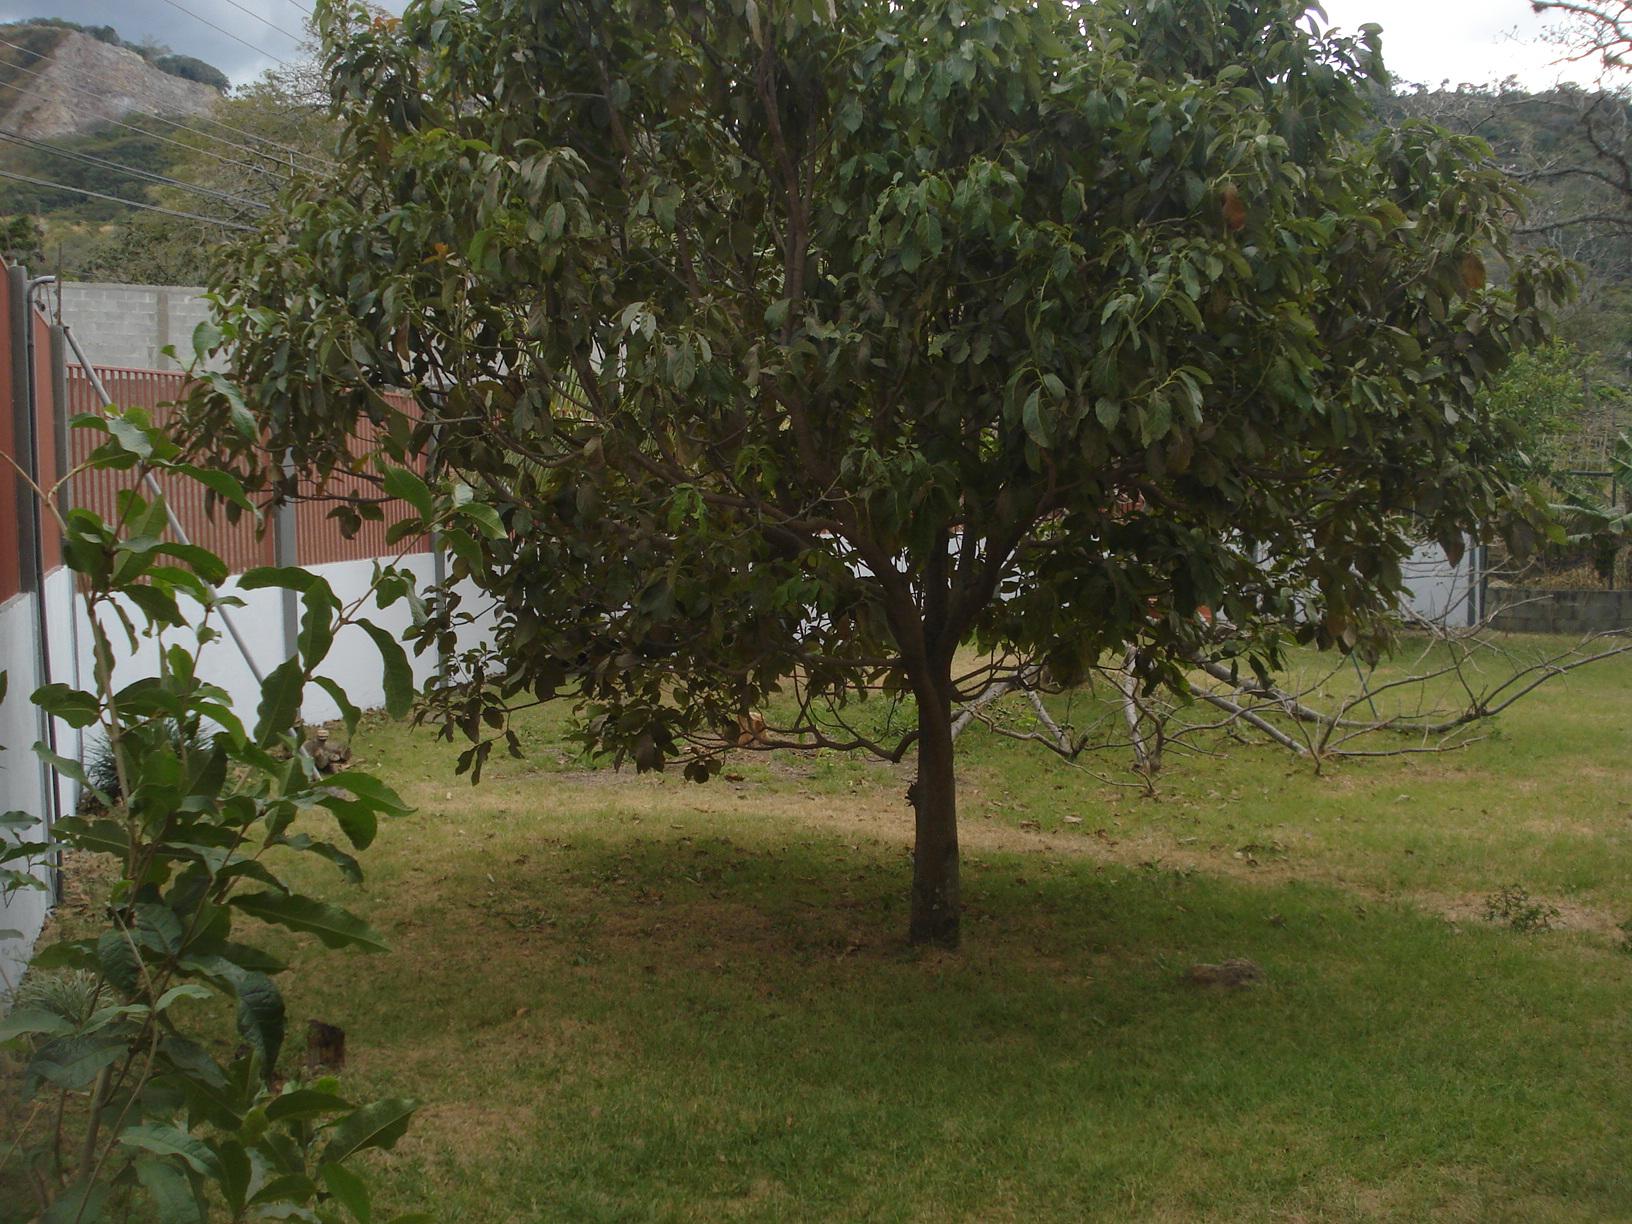 Casas En Venta En Santa Ana Inmotico | Car Release Date